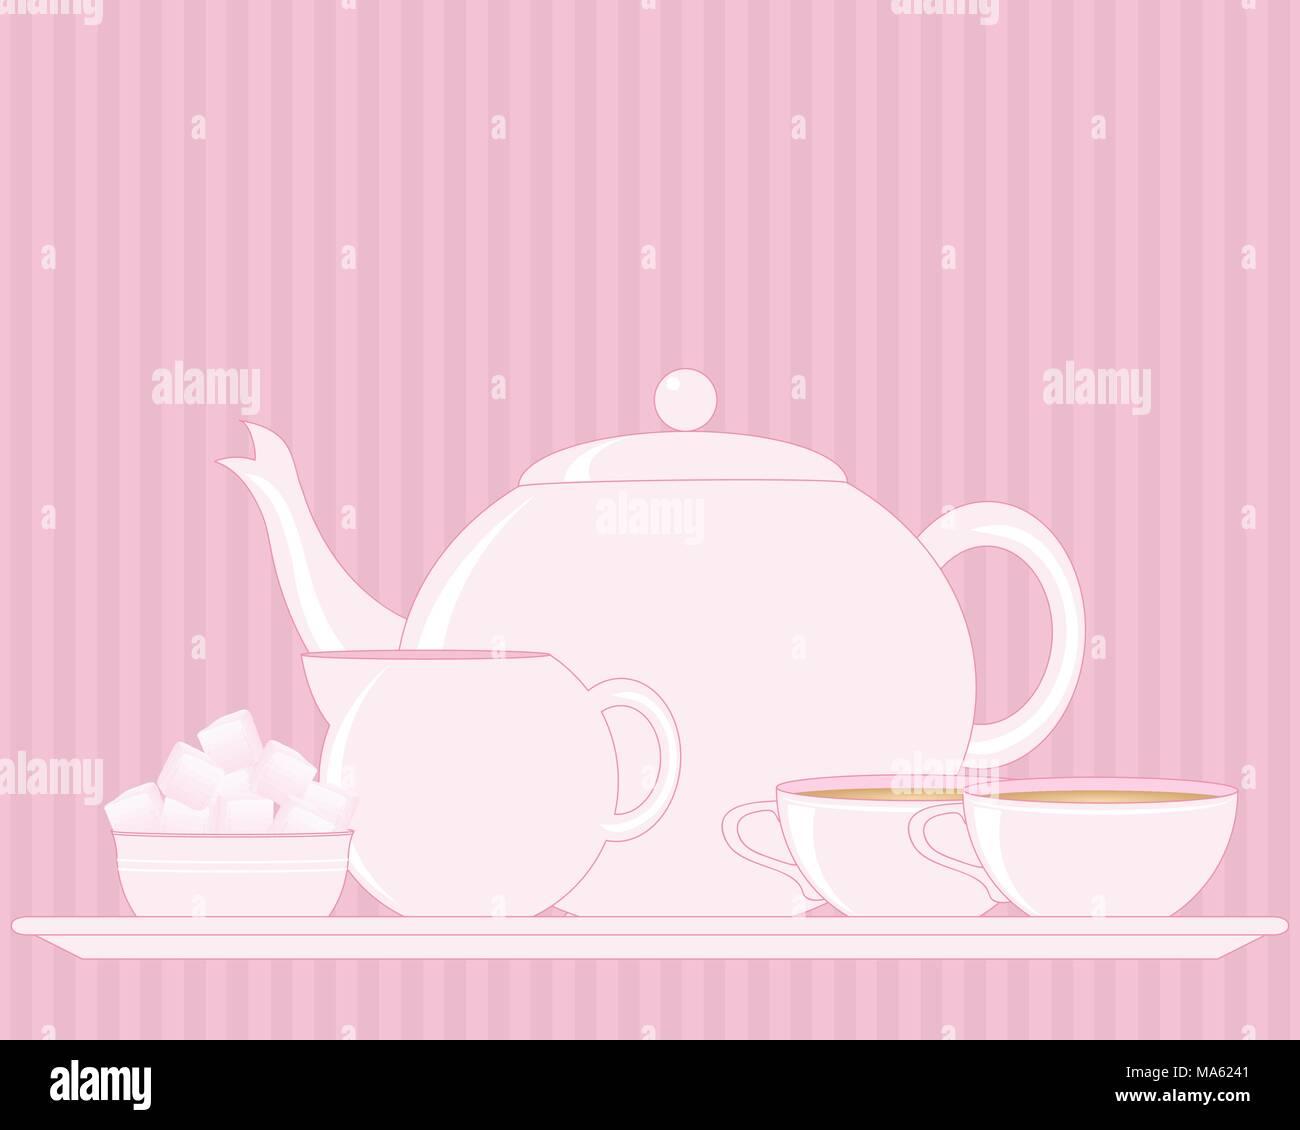 Una illustrazione vettoriale in formato eps formato 10 di un vassoio con tè impostare compresi Teiera Zuccheriera bricco per il latte e la coppa su una rosa di sfondo vintage Immagini Stock